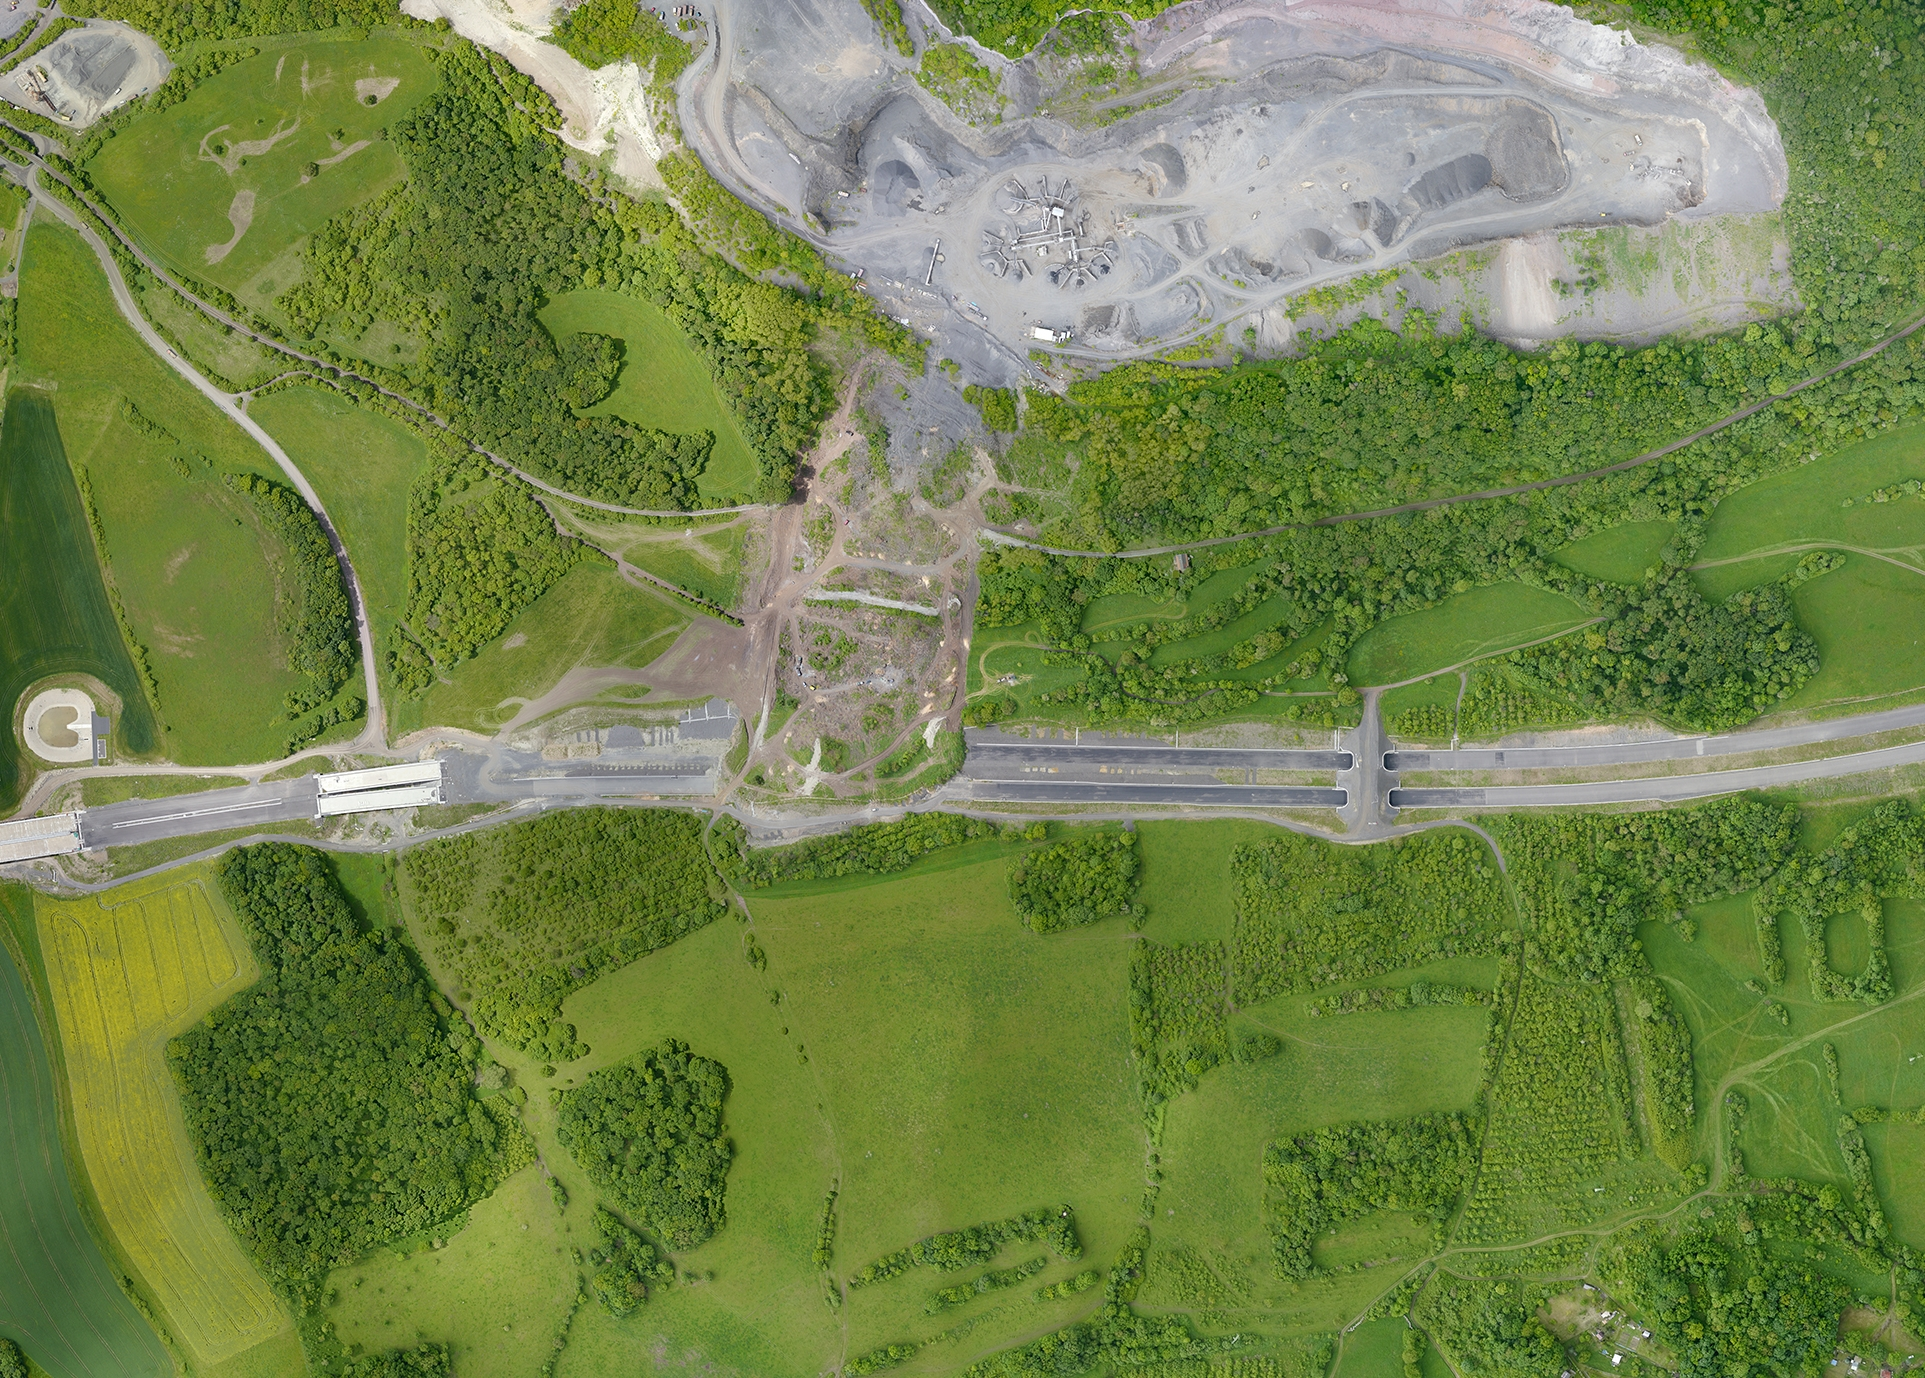 V júni 2013 sa utrhla podmáčaná pôda z lomu v Severných Čechách a zavalila nedokončenú diaľnicu D8 do Nemecku. Takto ju zachytil dron. Foto - J. Karas